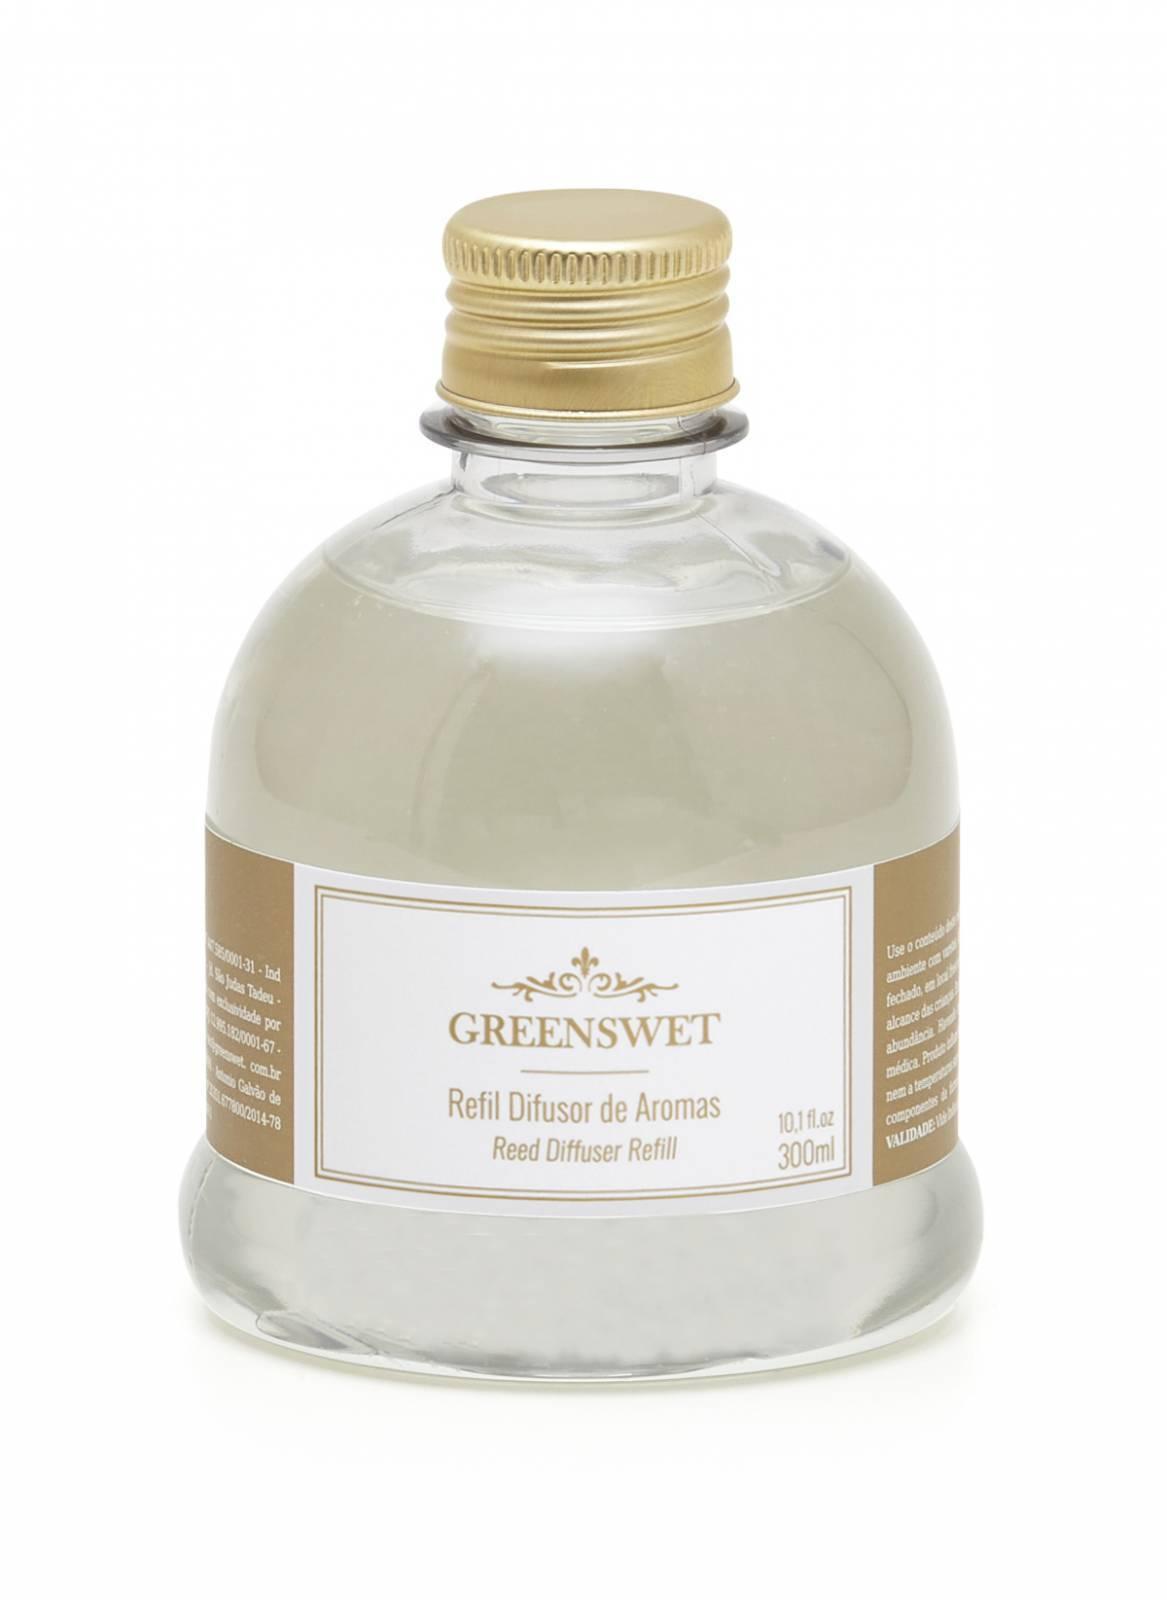 Refil Difusor de Aromas 300ml Quartzo Verde - Greenswet Aromatizantes